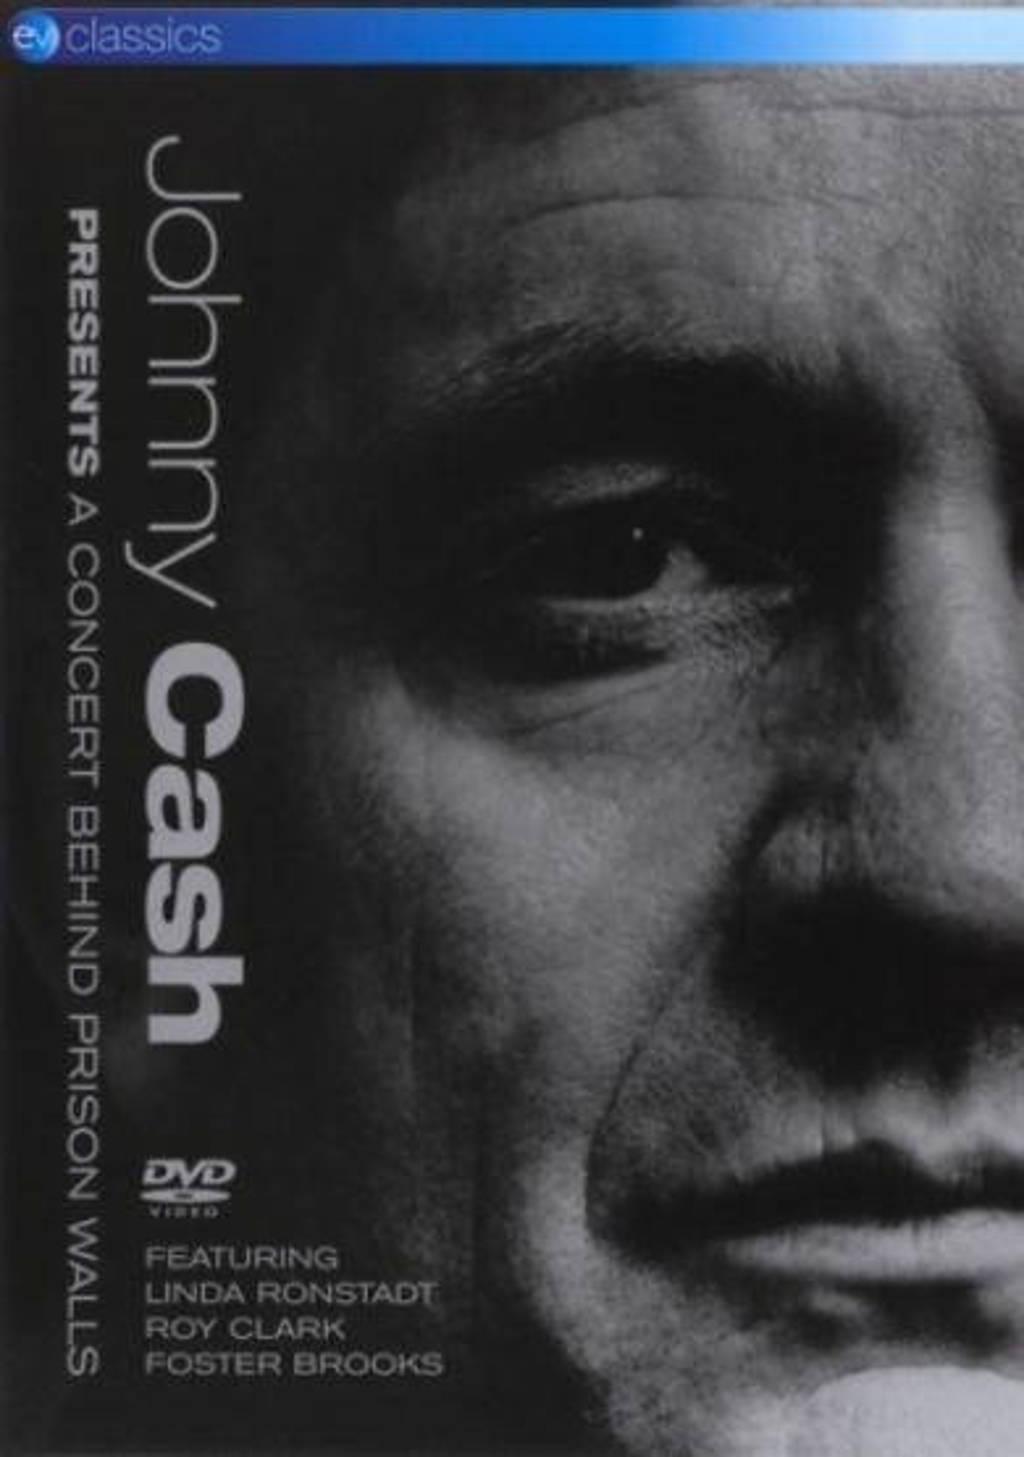 Johnny Cash - Concert Behind Prisonwalls (DVD)